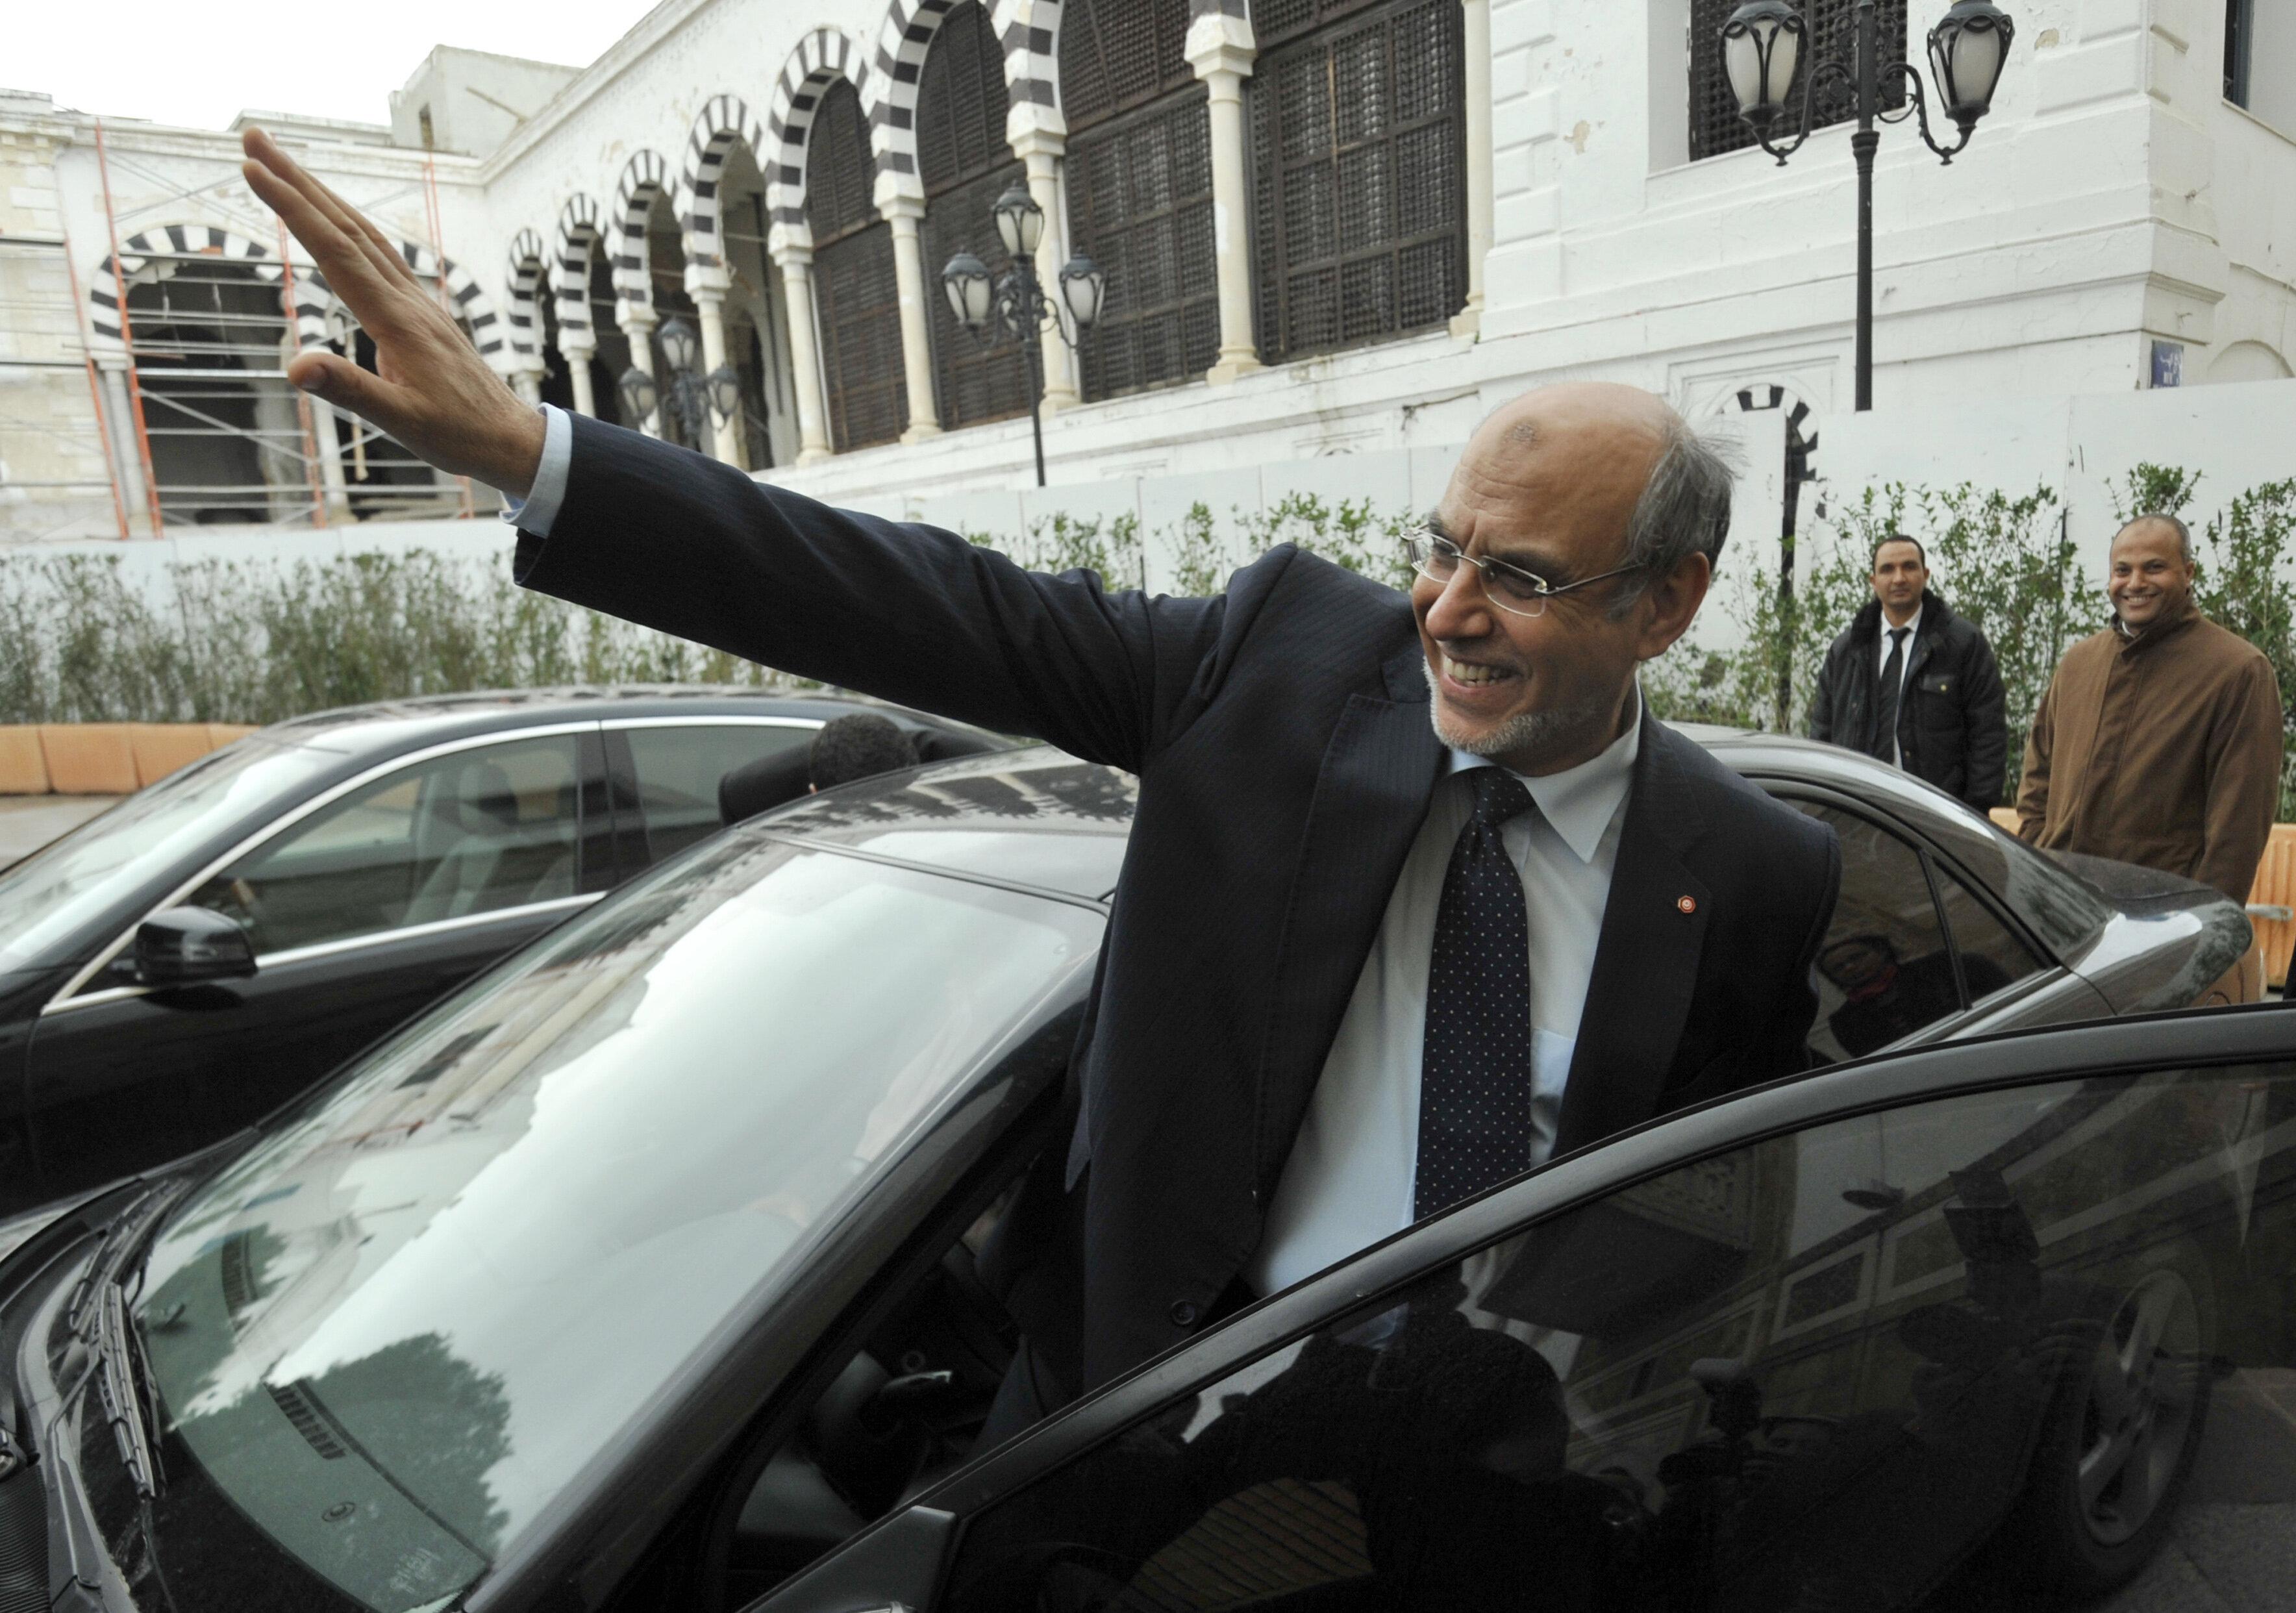 L'ancien chef du gouvernement Hamadi Jebali se présentera en tant qu'indépendant à la prochaine